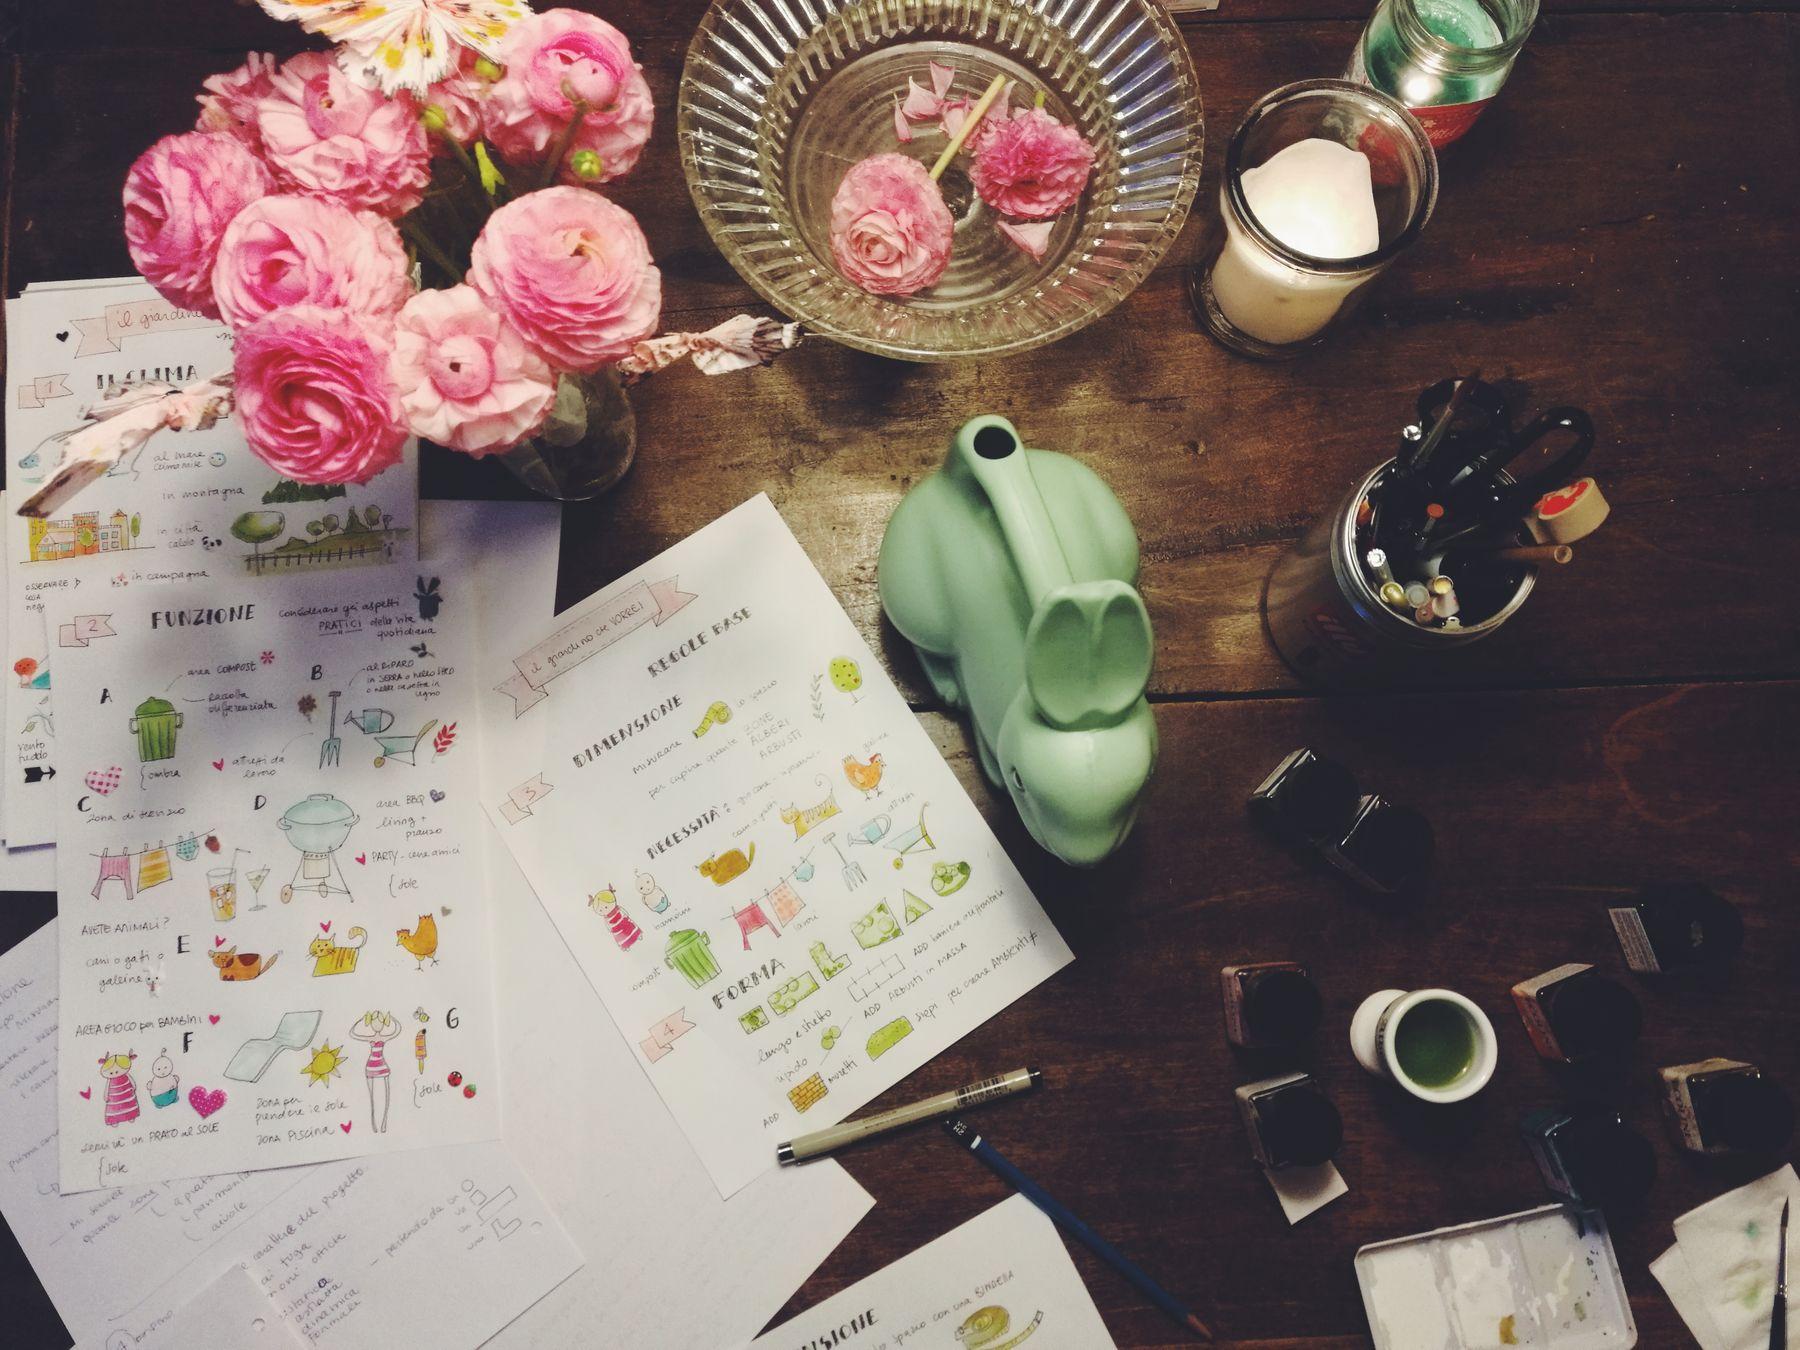 Progettare e disegnare un giardino online 3 blossom zine - Disegnare un giardino ...